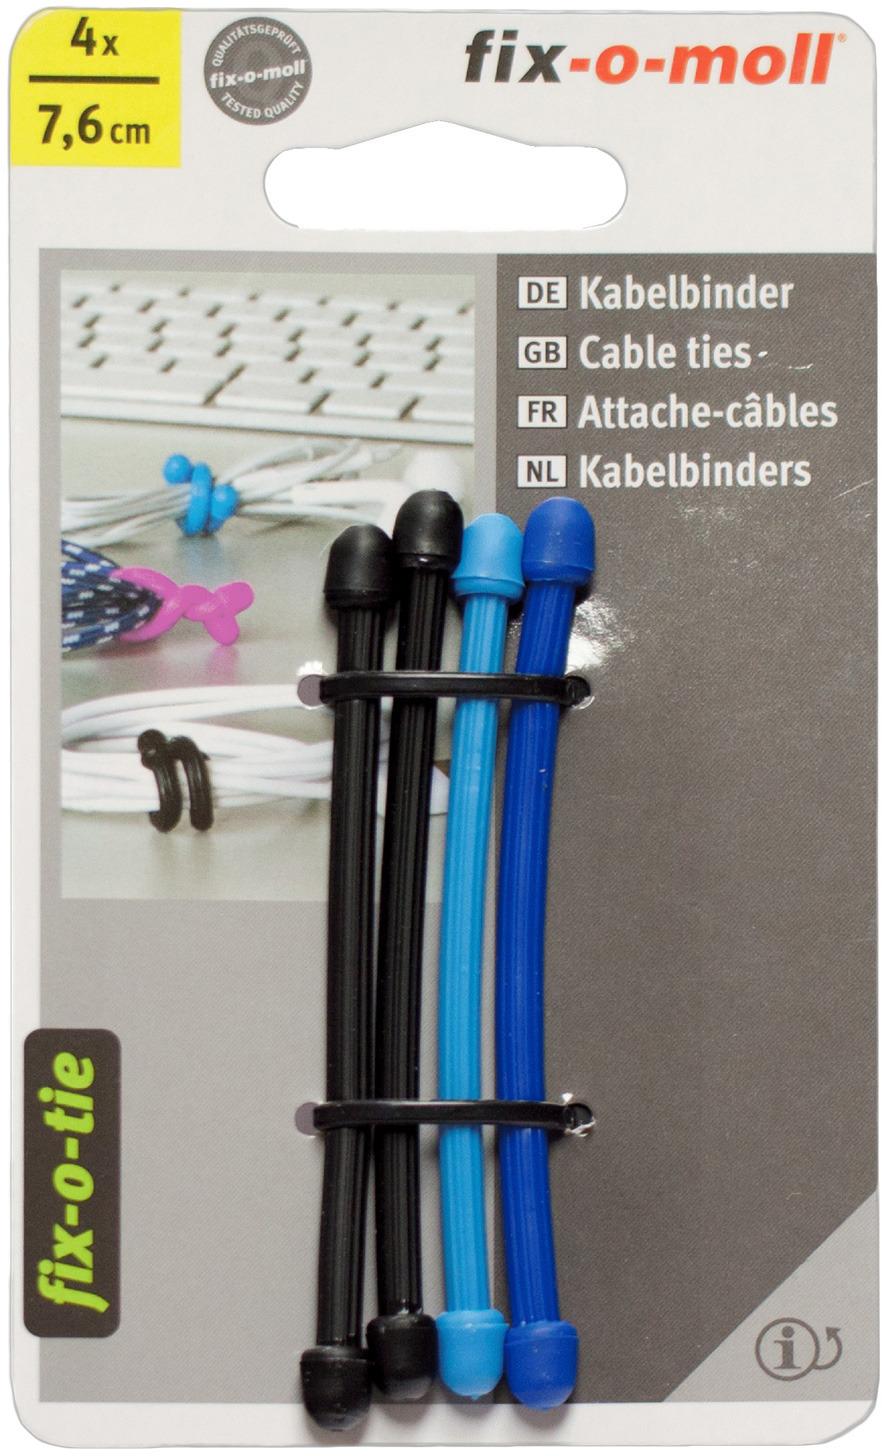 Cтяжка для кабеля Fix-o-moll, 7,6 см, цвет: голубой, синий, черный, 4 шт